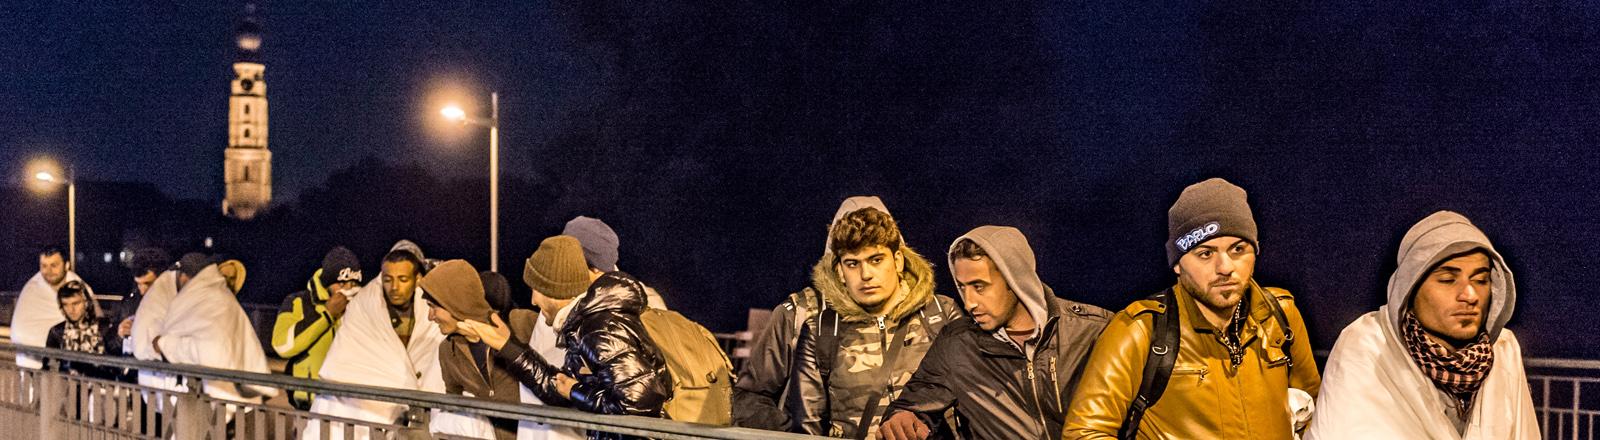 Flüchtlinge warten am 25.10.2015 auf der Innbrücke an der deutsch-österreichischen Grenze zwischen Simbach am Inn (Bayern) und dem österreichischen Braunau.